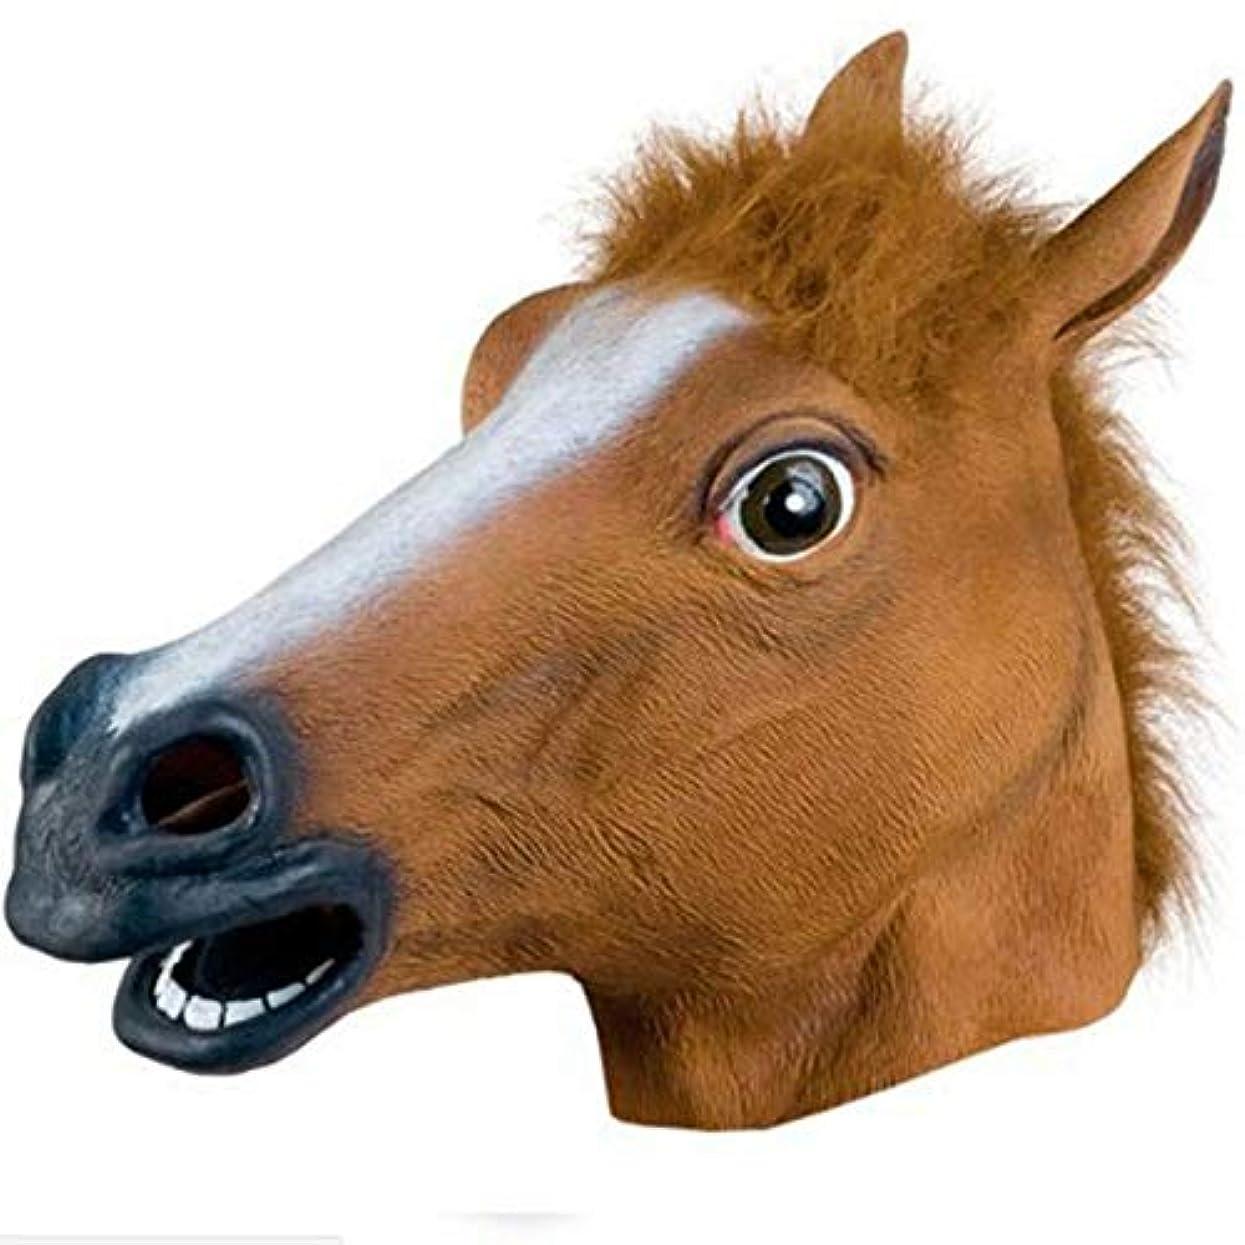 不運覗く包括的馬の頭の仮面舞踏会おかしい面白いハロウィーンの馬の頭のマスクのかつら,ブラウン